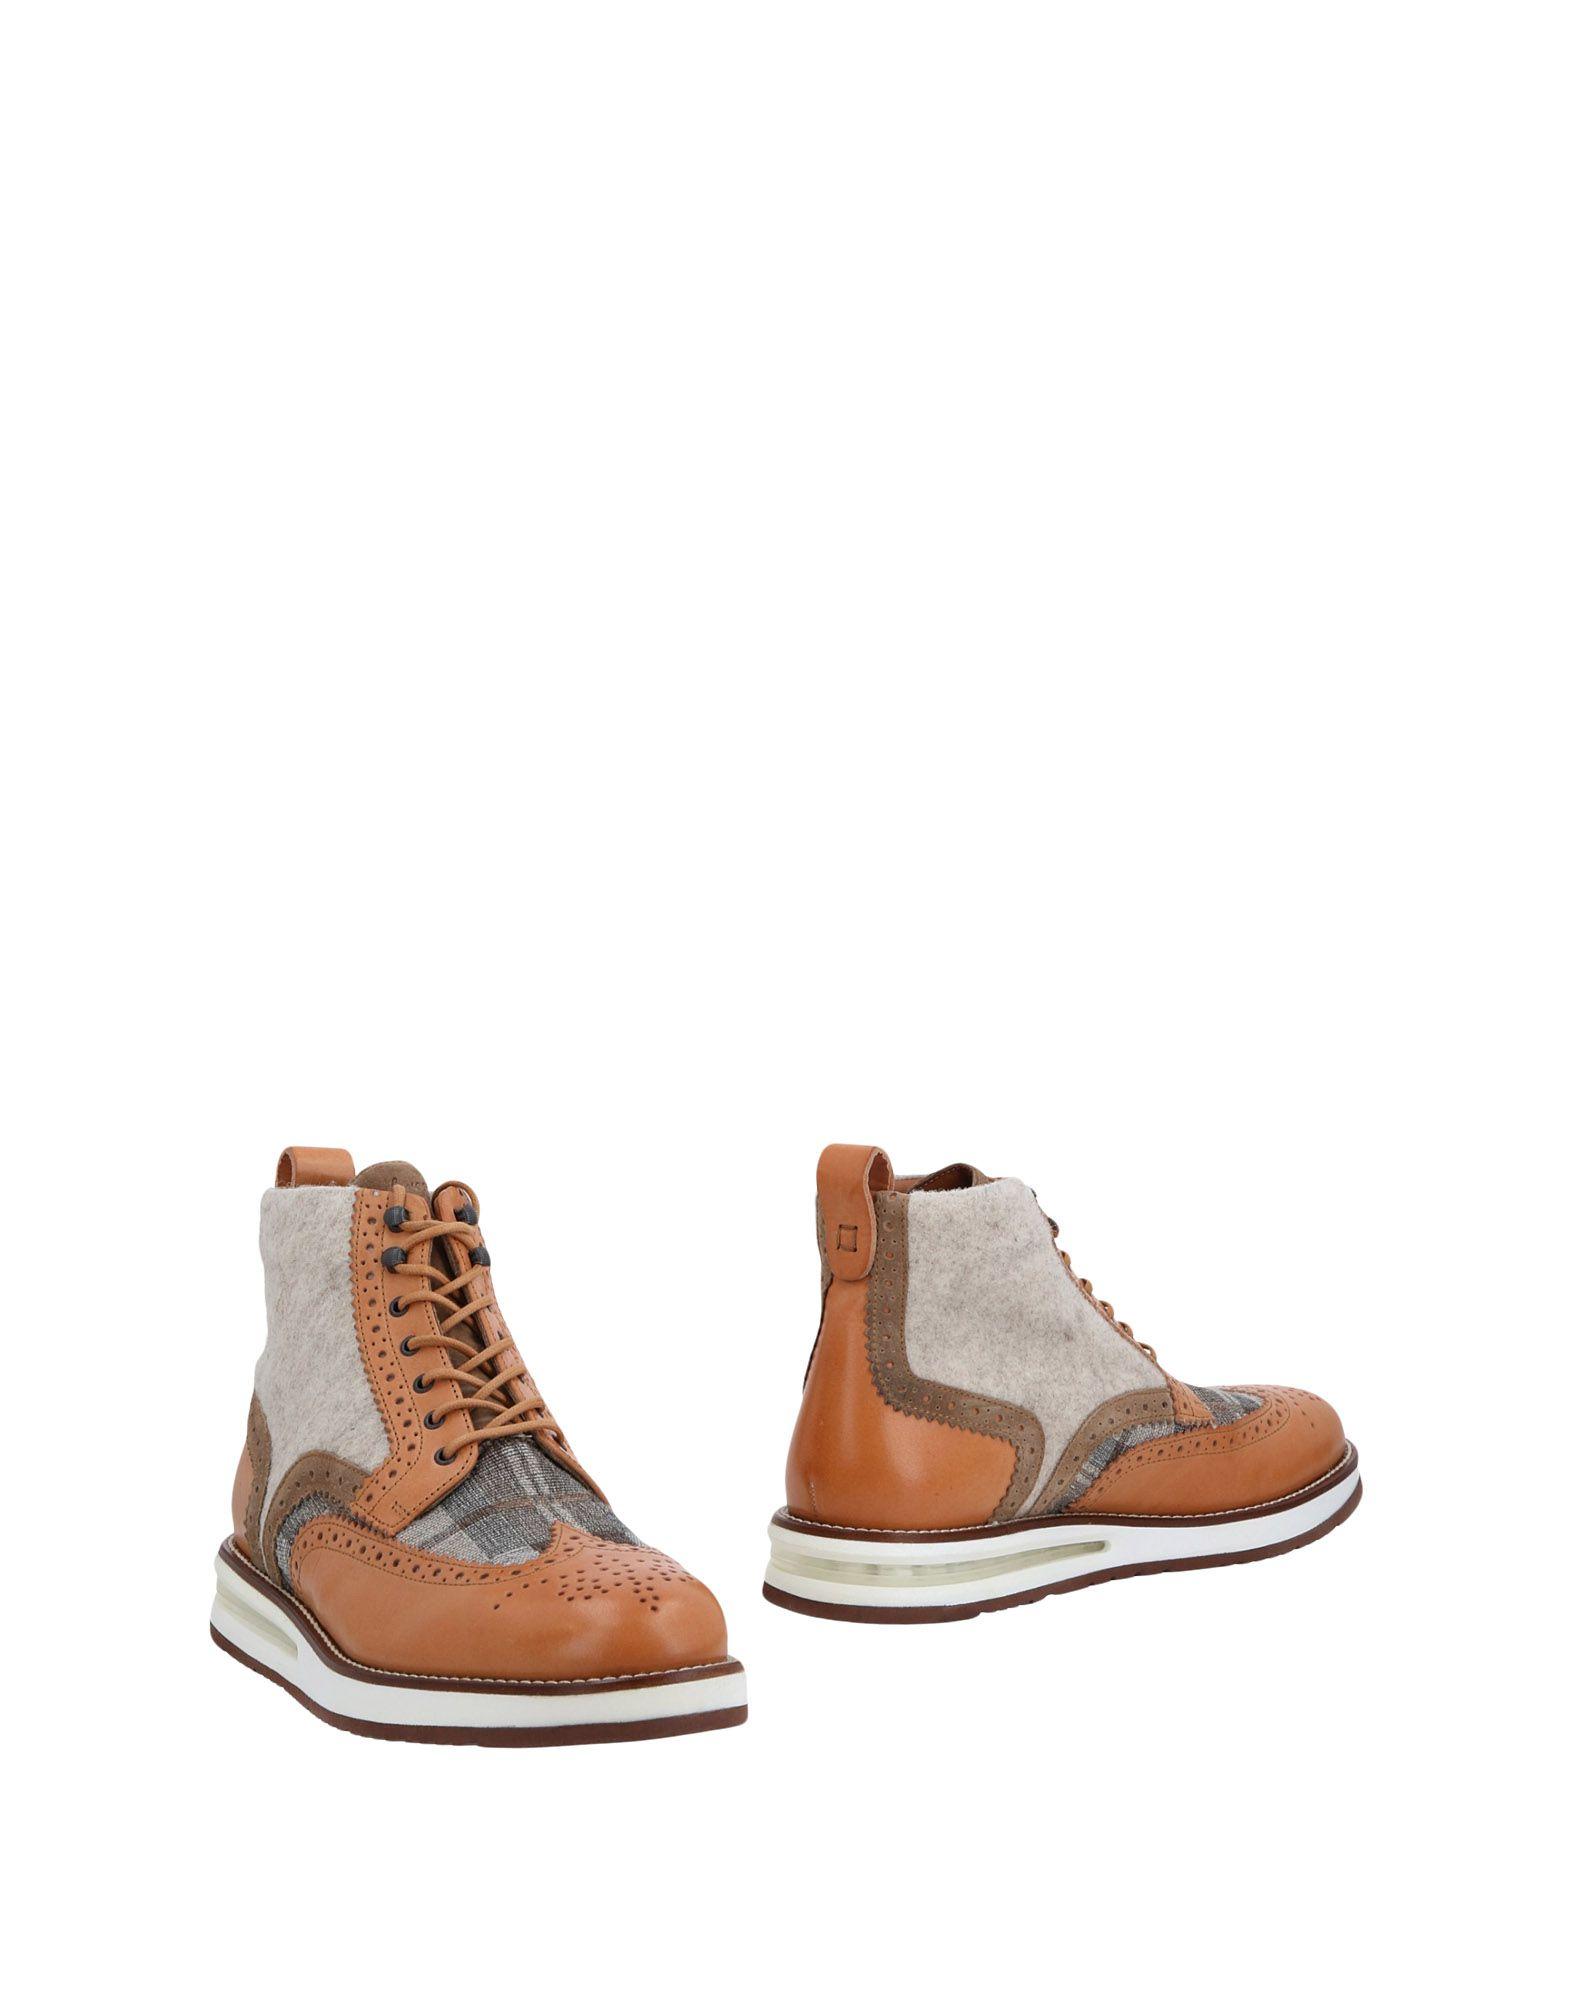 Barleycorn Stiefelette Herren beliebte  11479237VX Gute Qualität beliebte Herren Schuhe efbe96